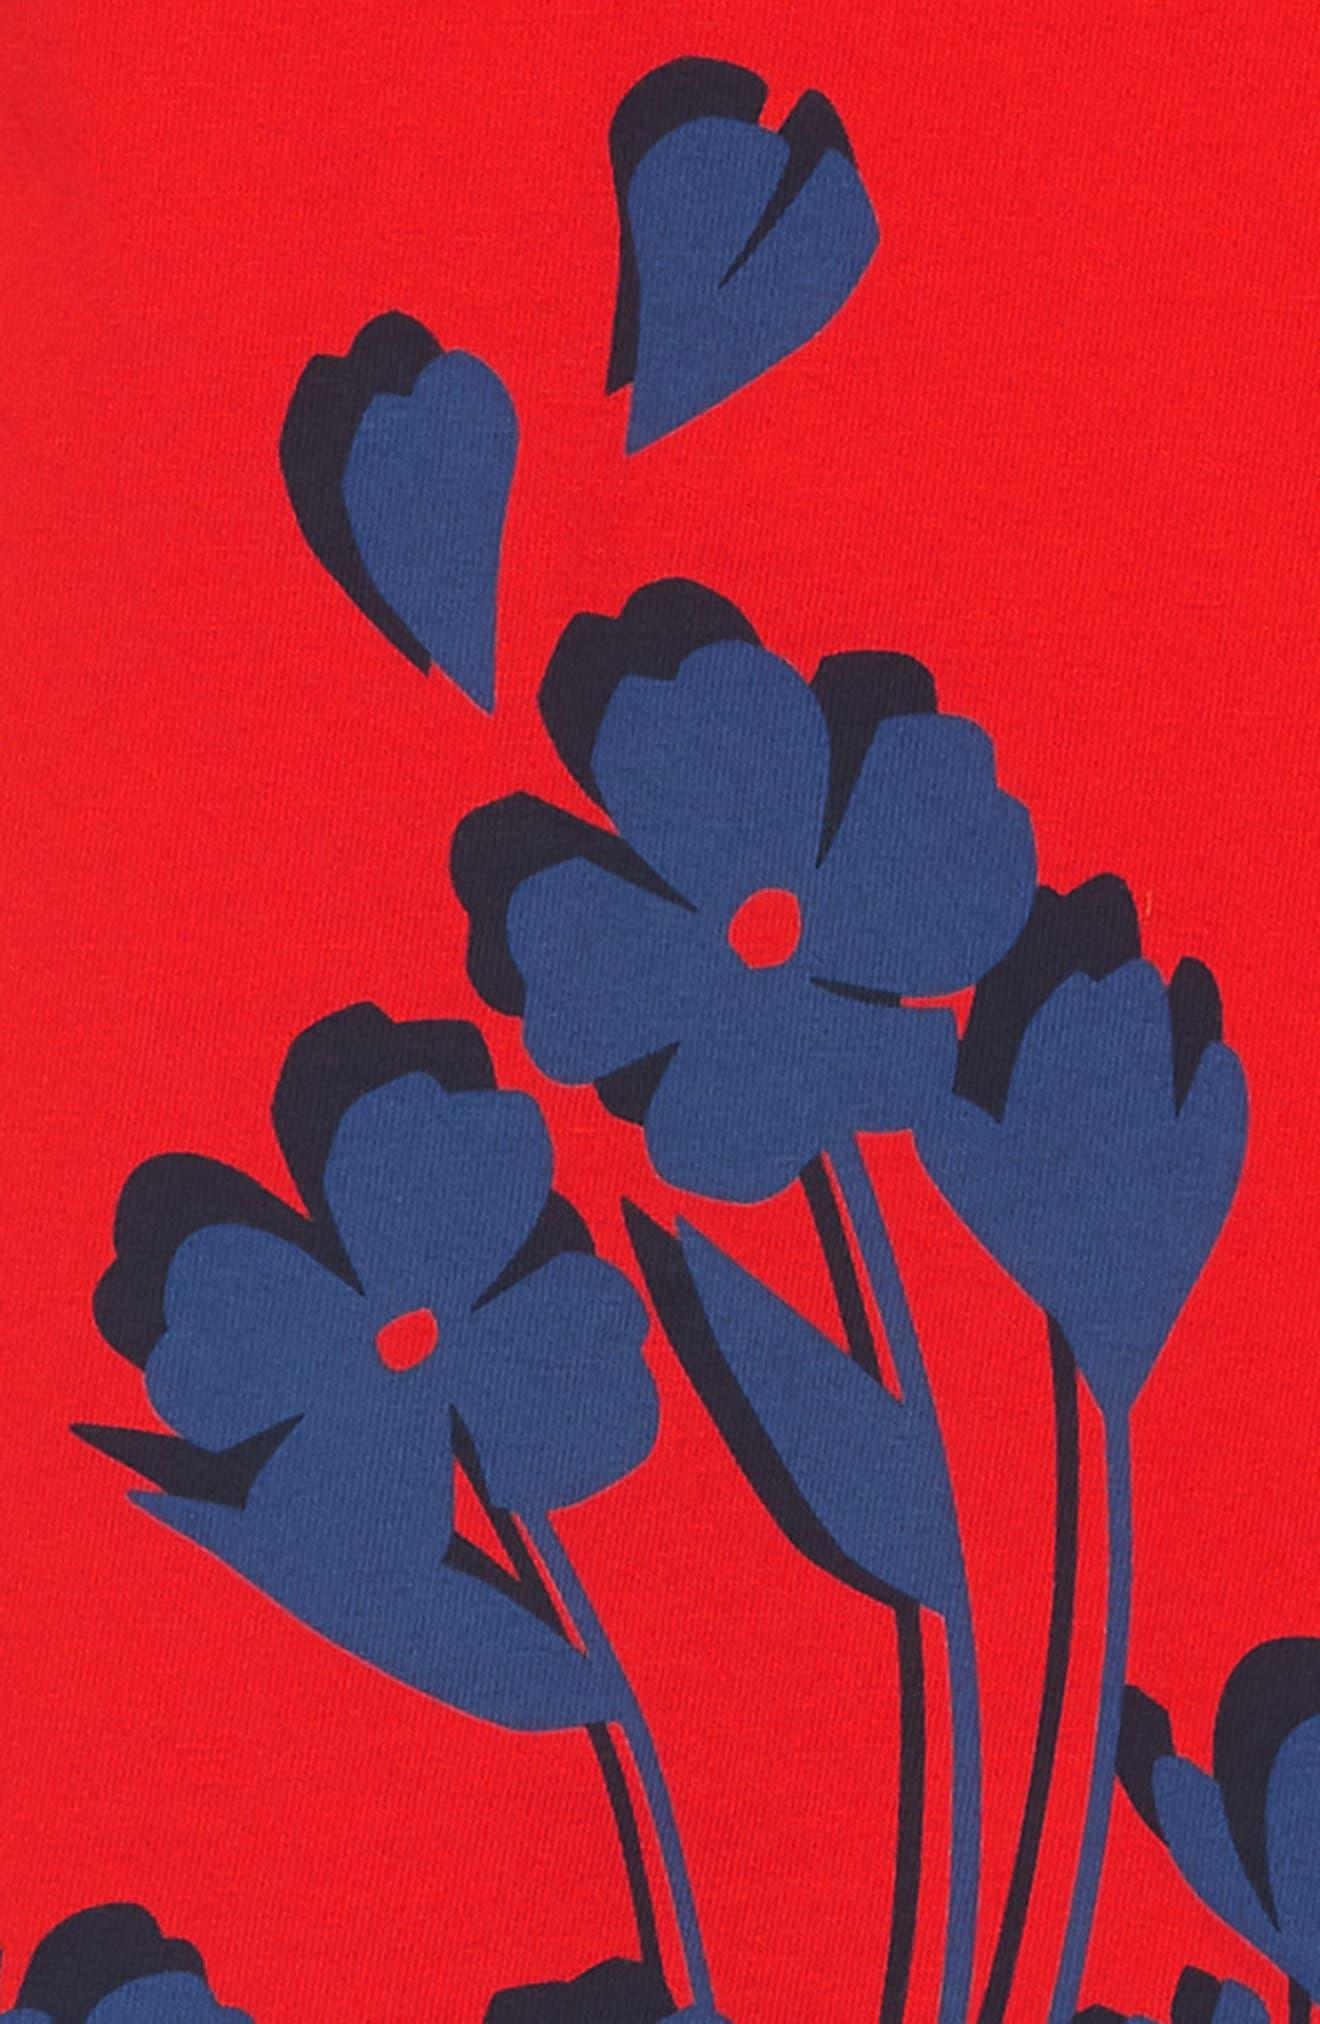 Breezy Floral Graphic Dress,                             Alternate thumbnail 3, color,                             600